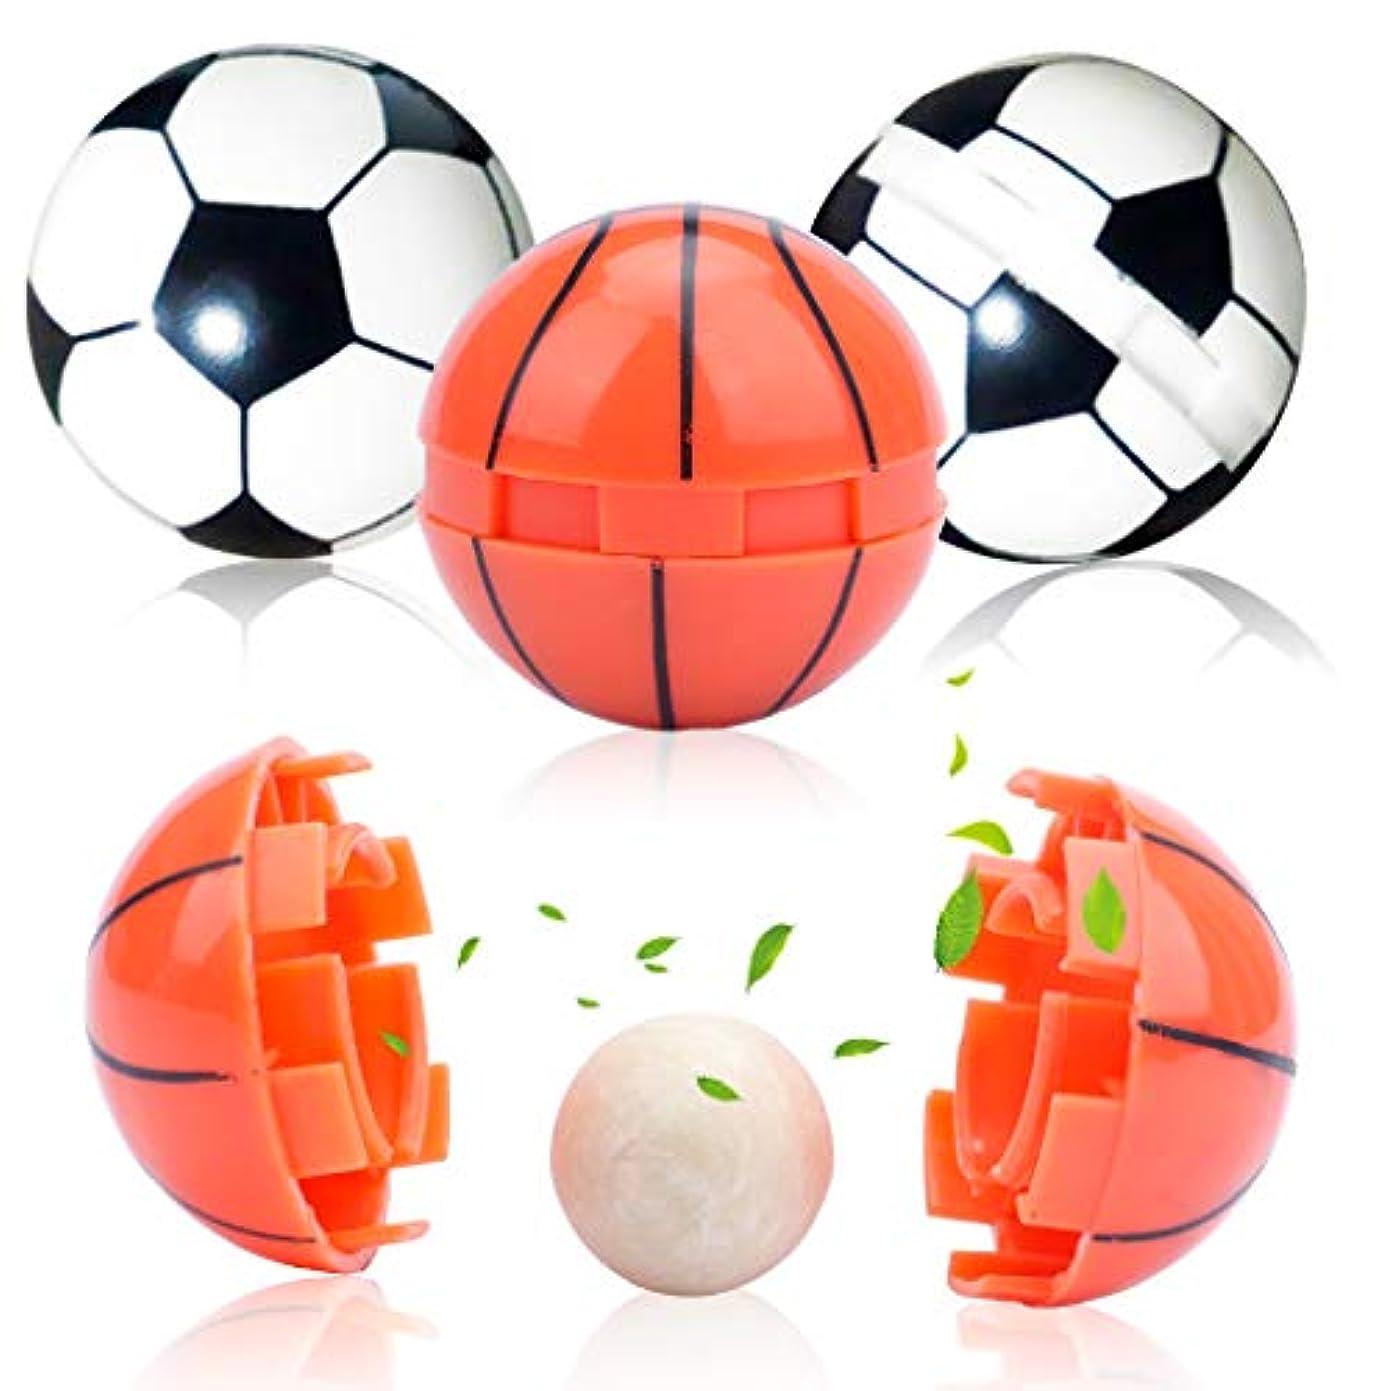 増幅する閃光曲がったAmycute アロマ アロマボール 香り玉 4点セット (18mm)750g 丸型 サッカー&バスケットボールデザイン 香りが長続き